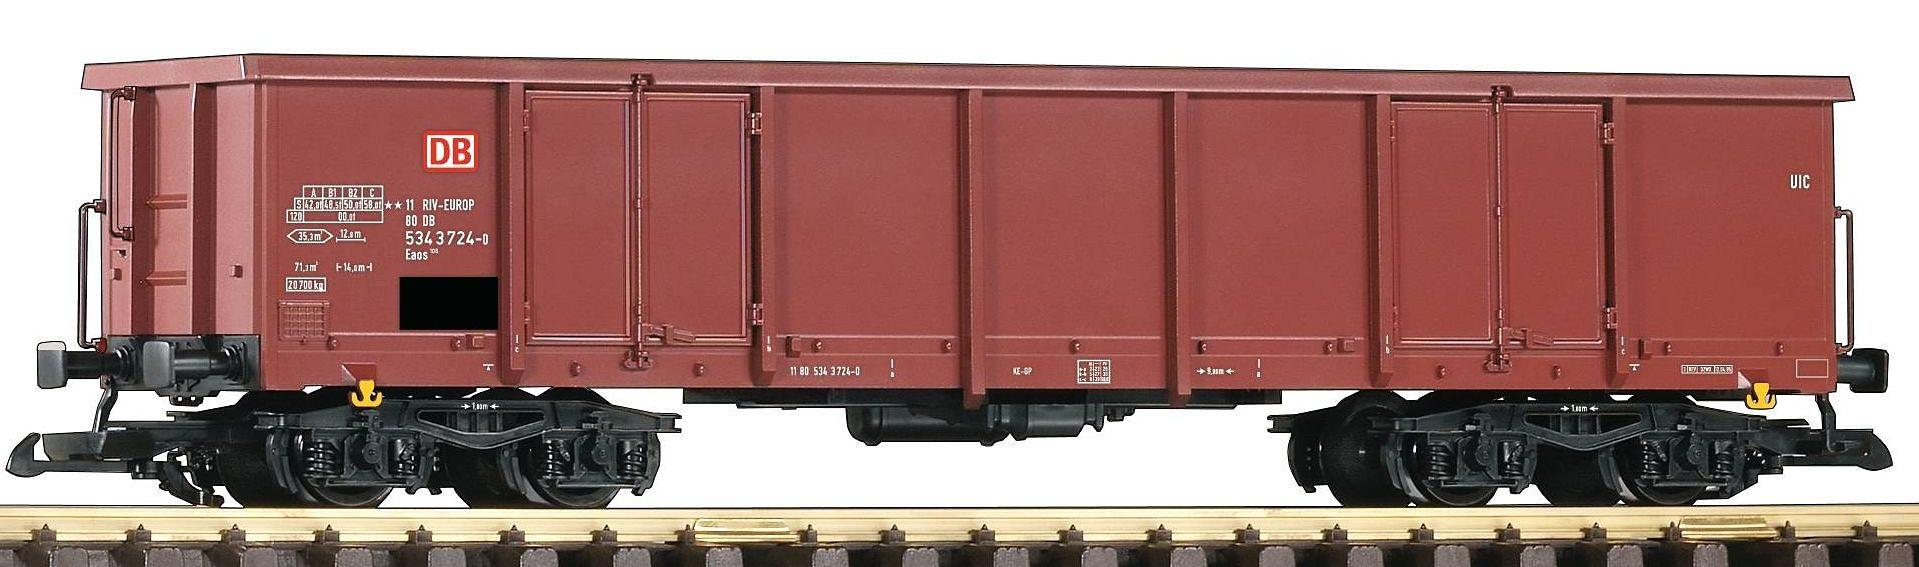 PIKO Güterwagen, Spur G, »Offener Drehgestellwagen Eaos, DB AG - Gleichstrom«